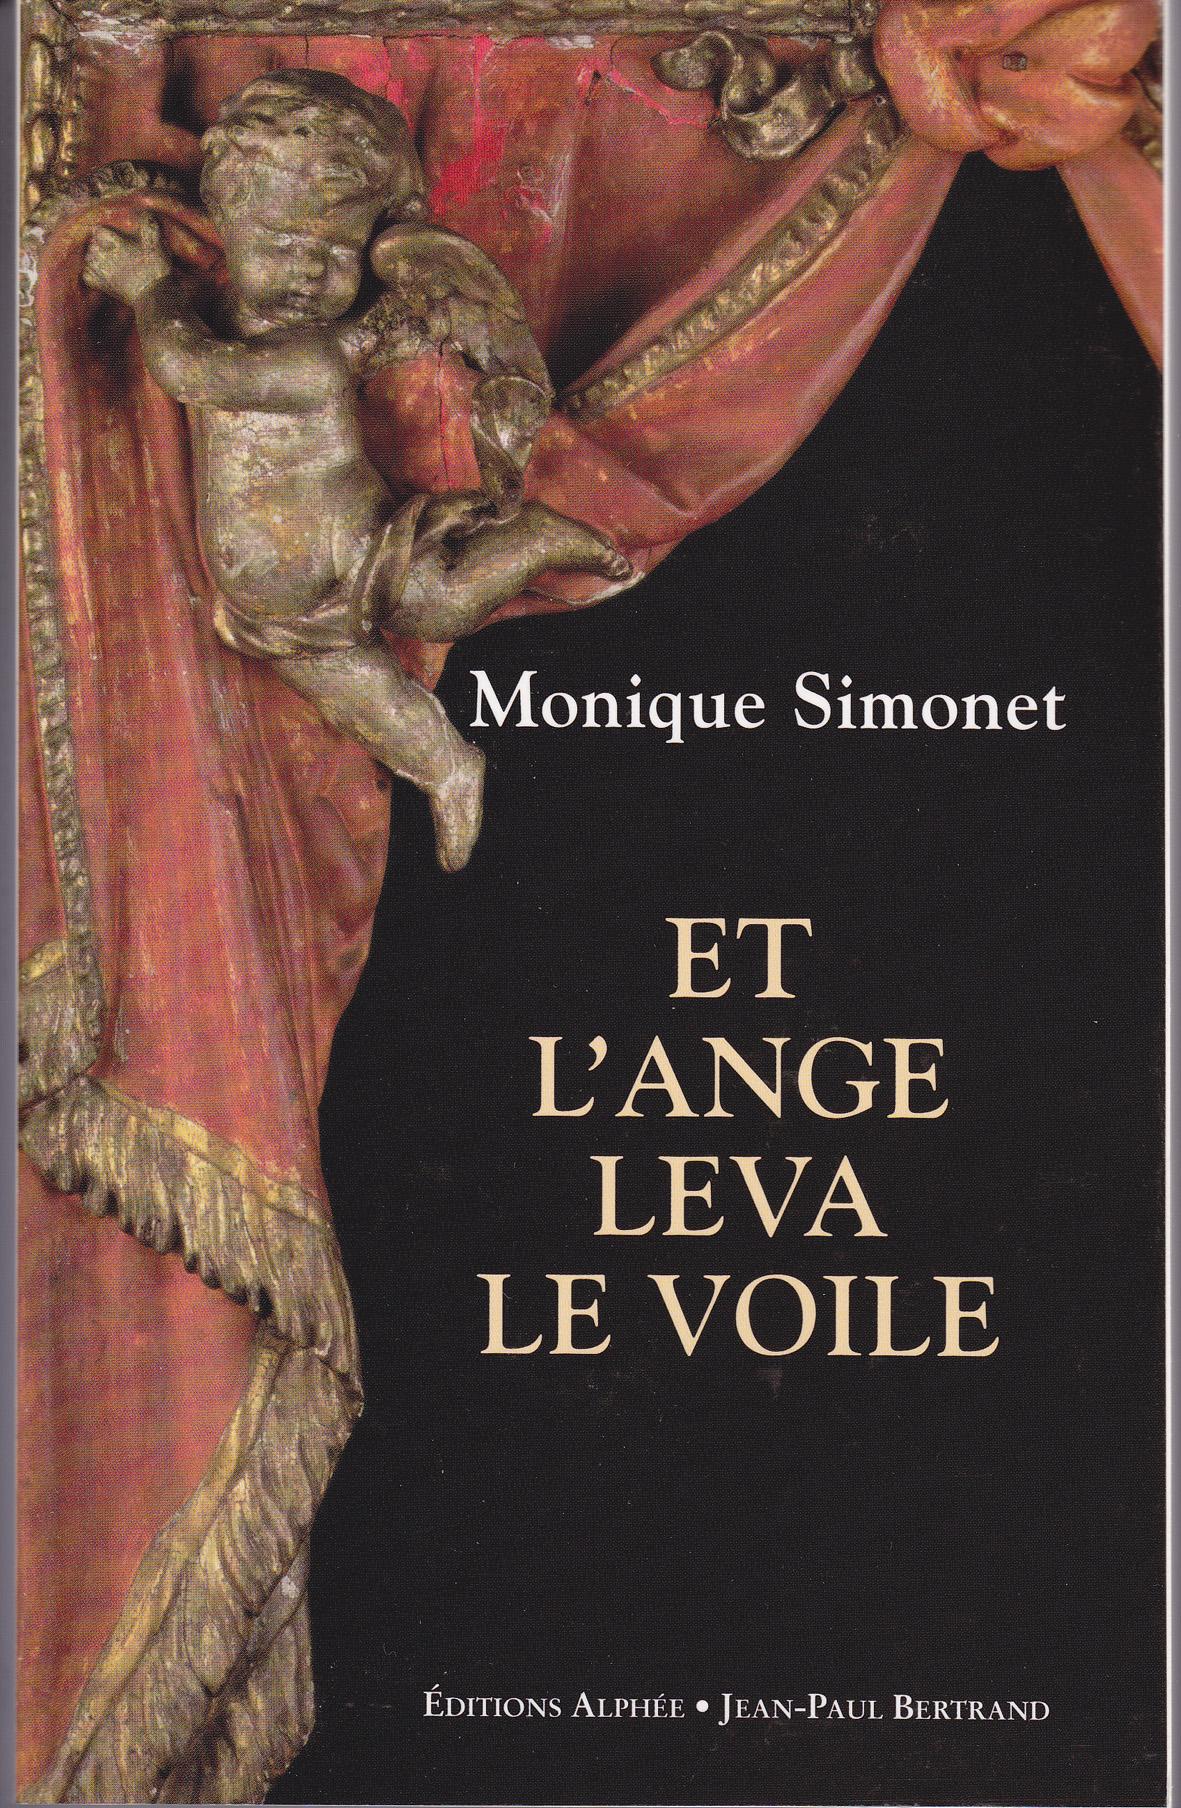 Et l'ange leva le voile - Monique Simonet